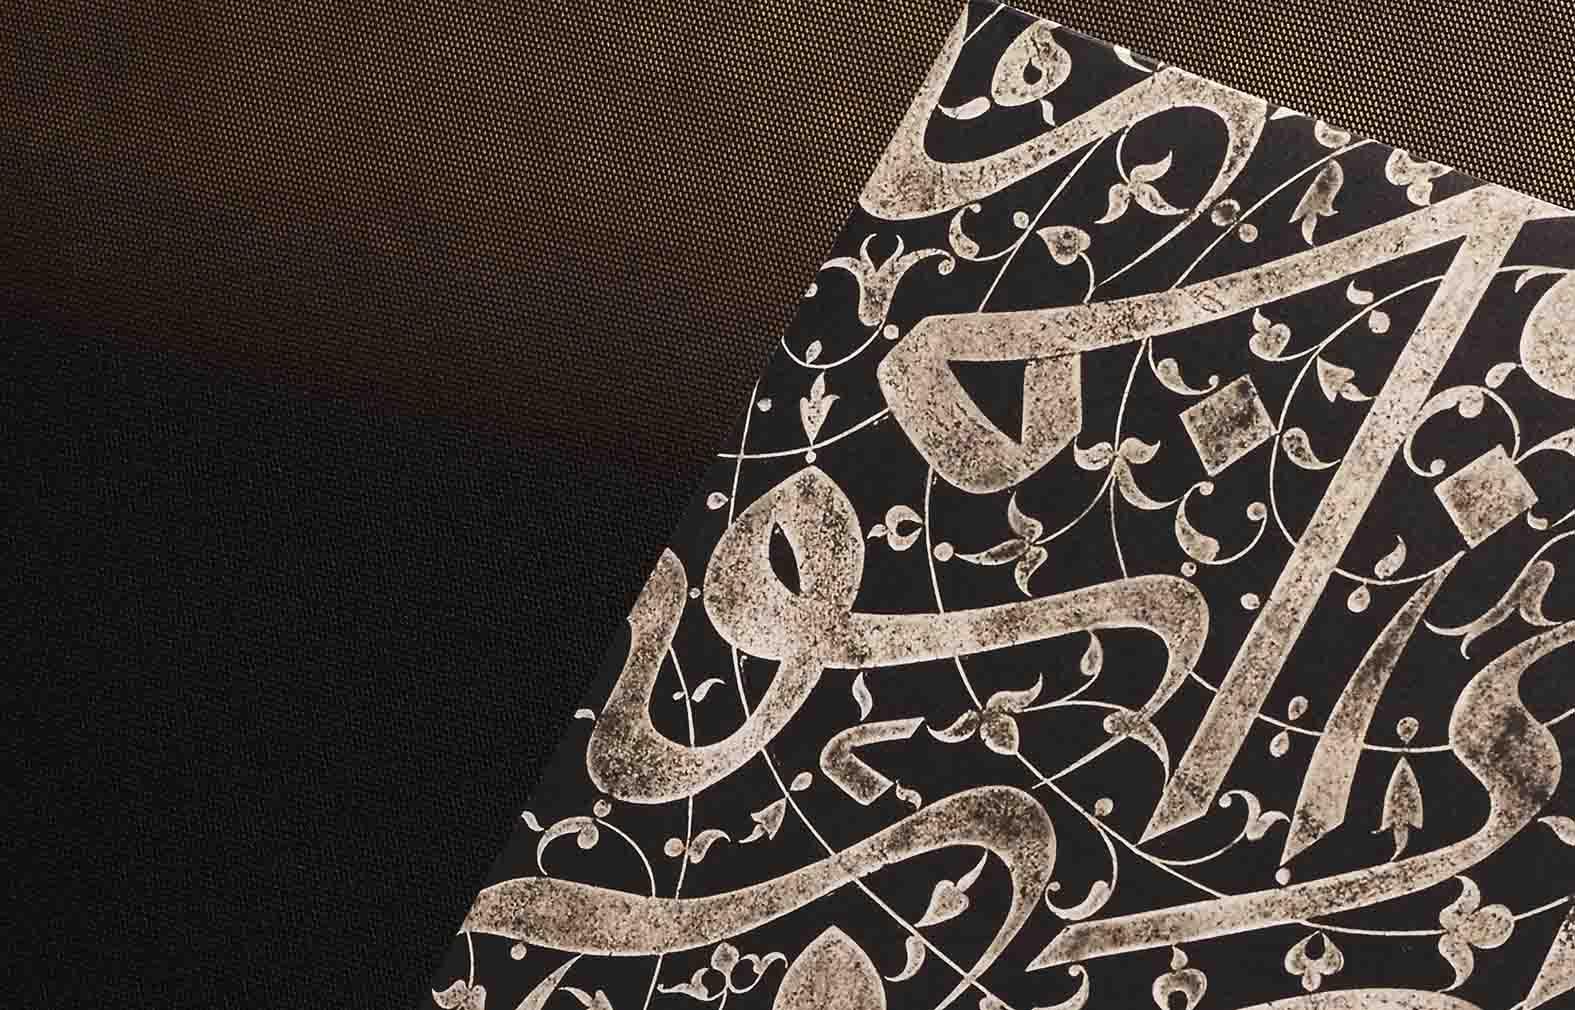 British Museum Islamic Gallery